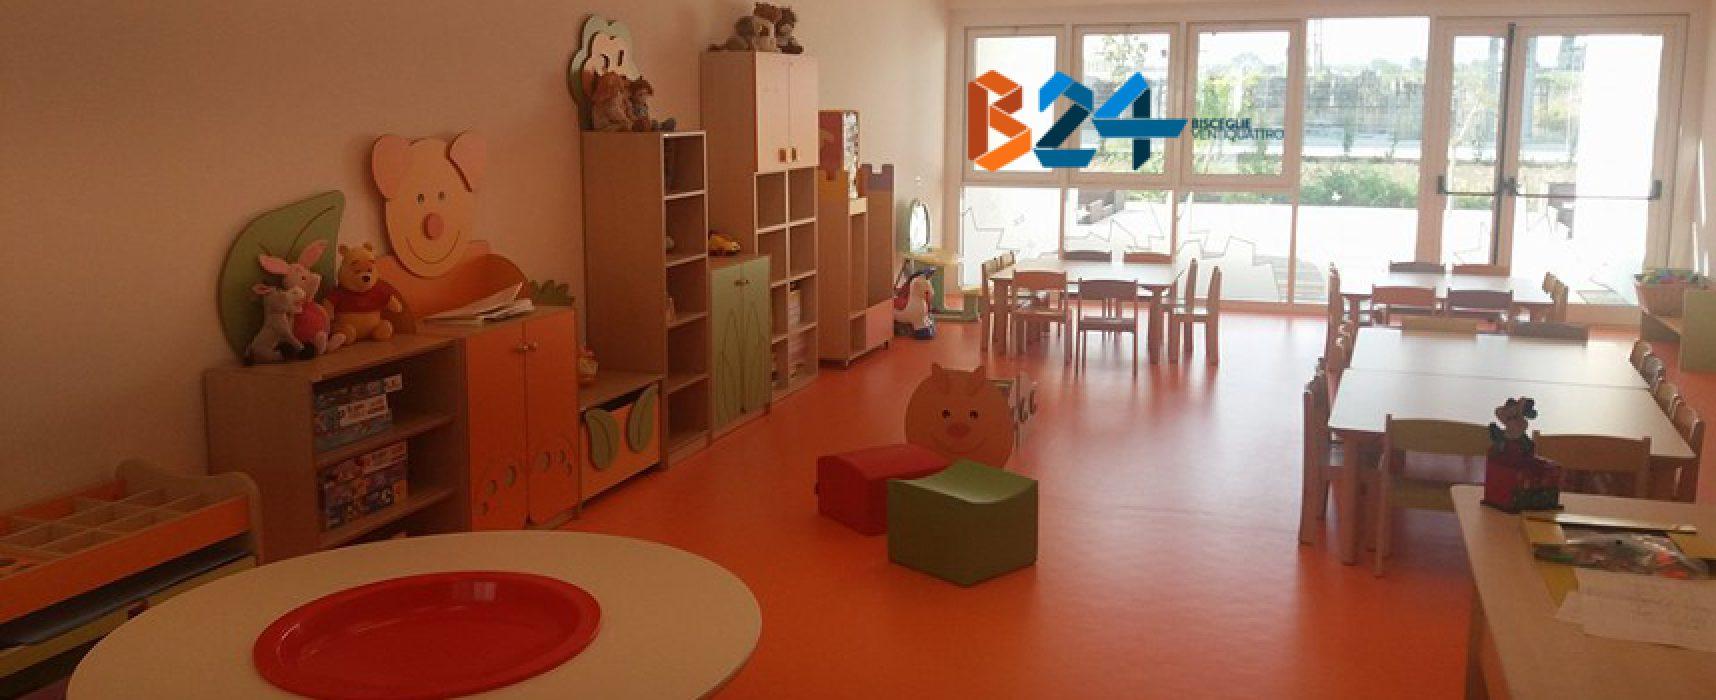 """Consegnata la scuola dell'infanzia """"Pertini"""", Fata: """"Struttura spaziosa e all'avanguardia"""" / VIDEO"""